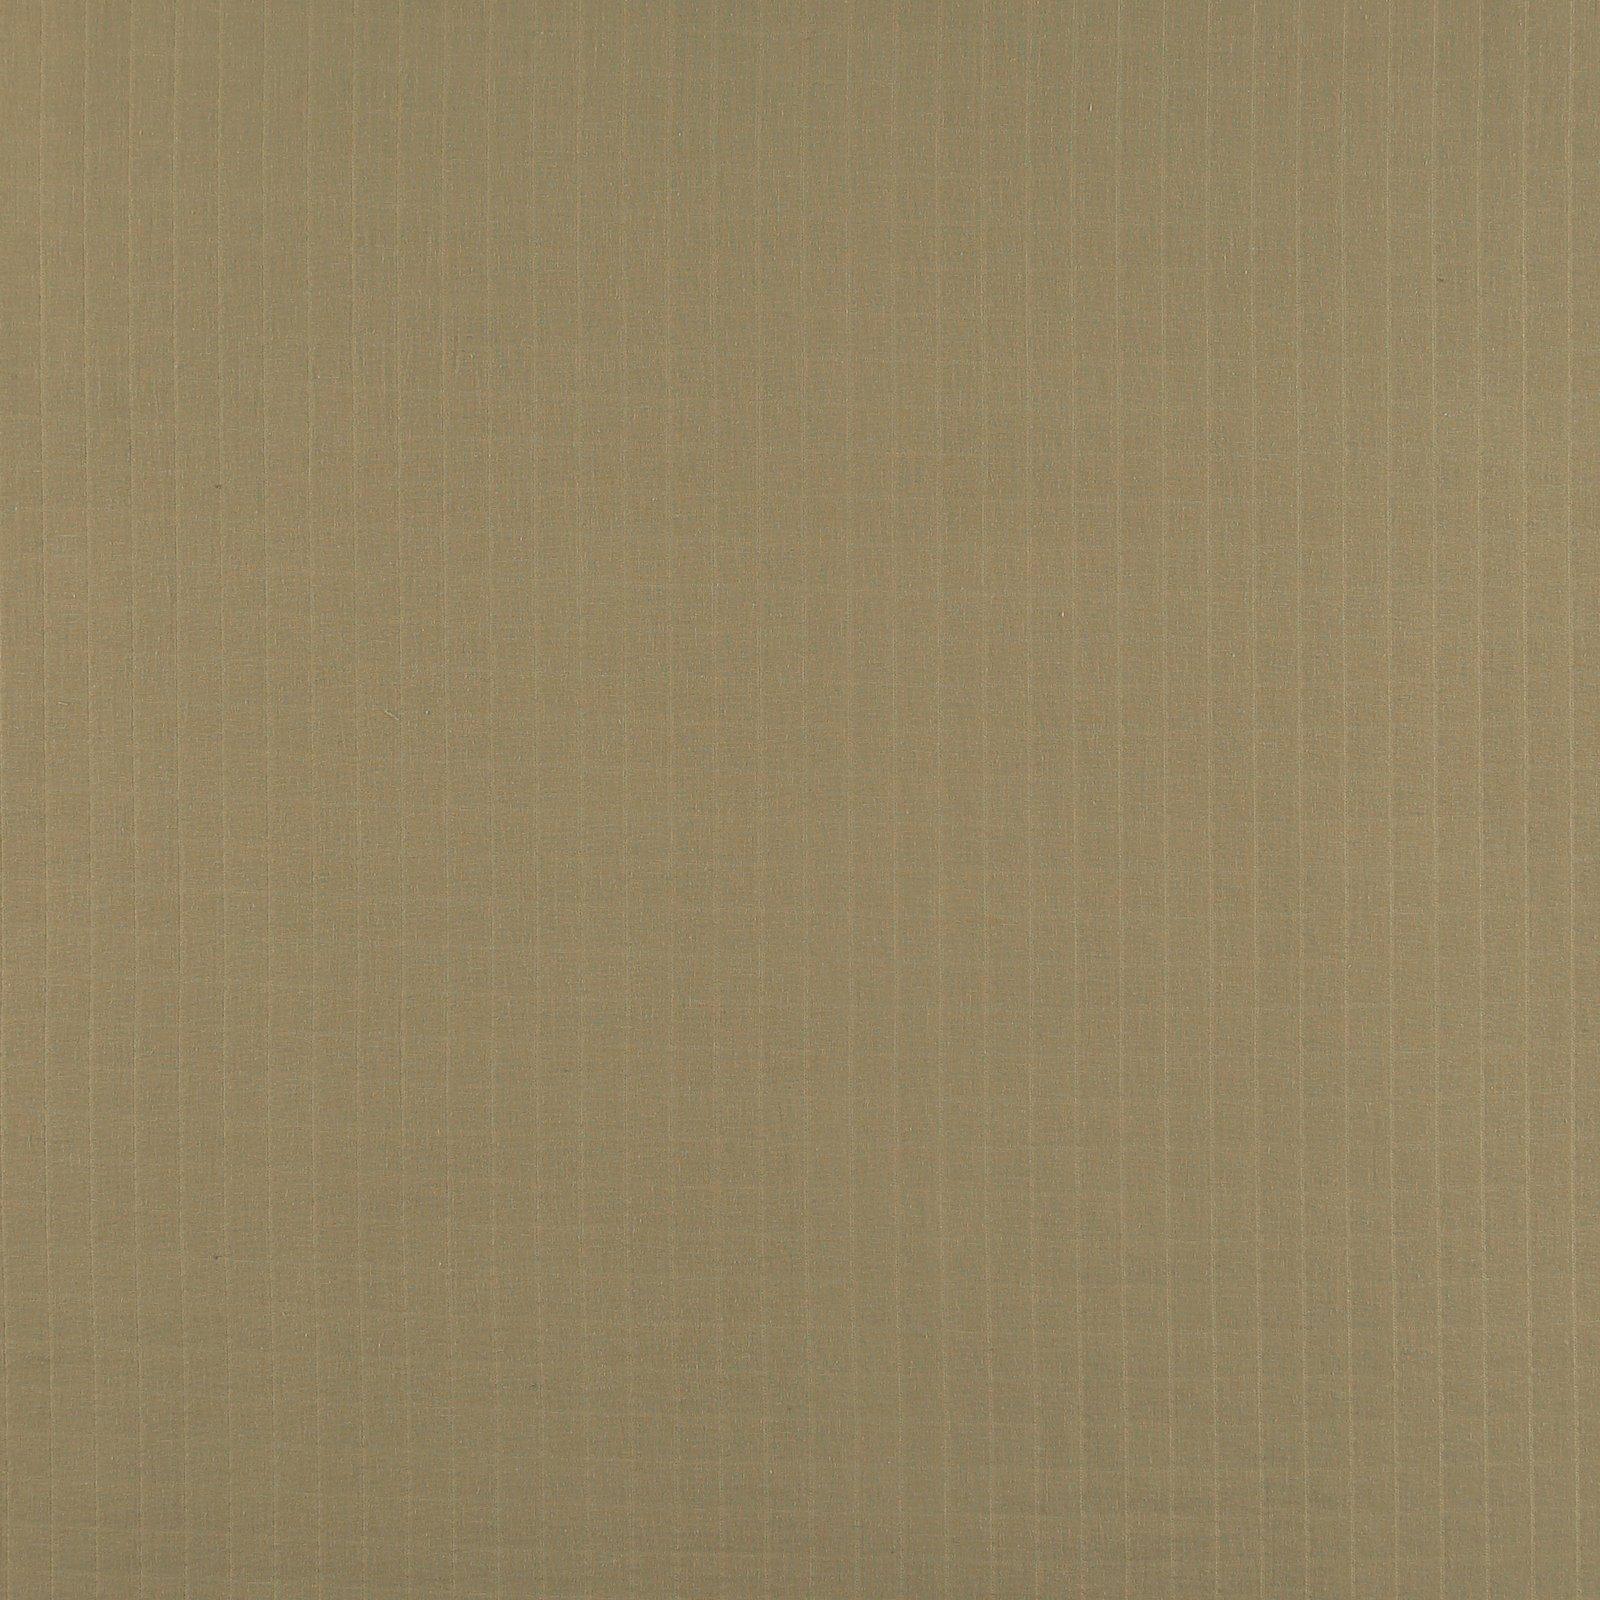 Muslin dark beige 501895_pack_sp